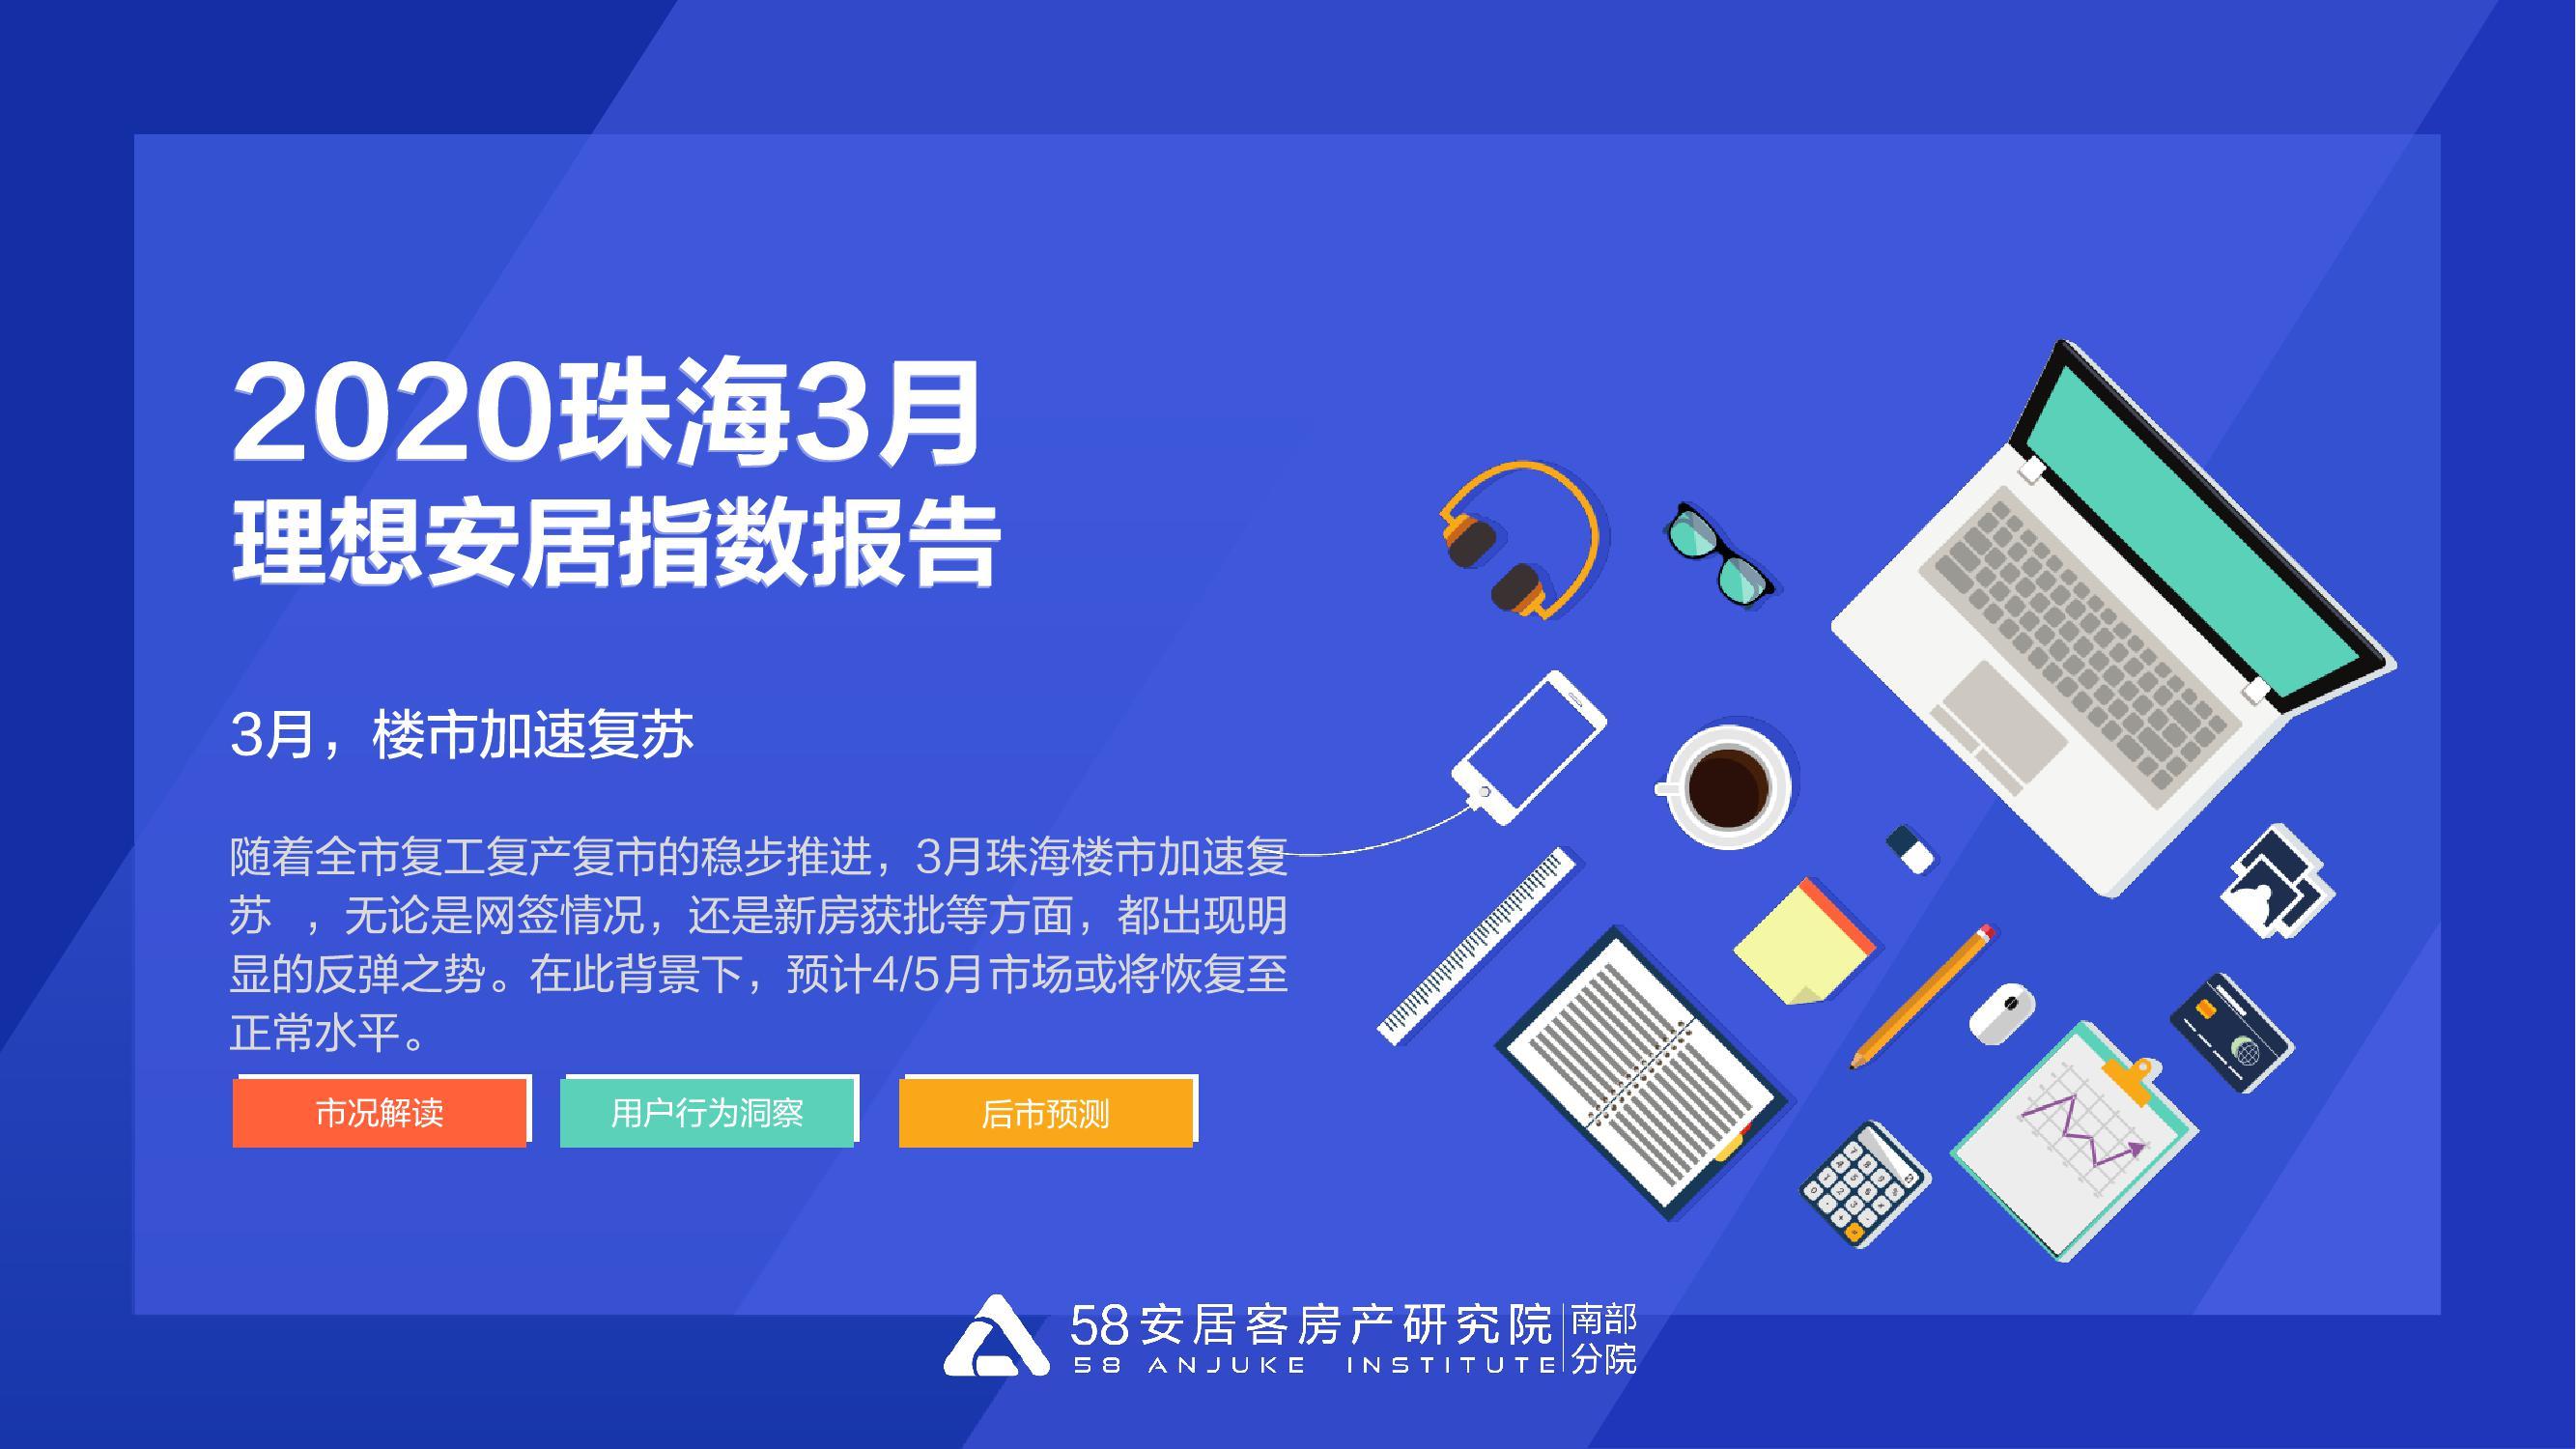 58安居客:20203月珠海理想安居指数报告(附下载)